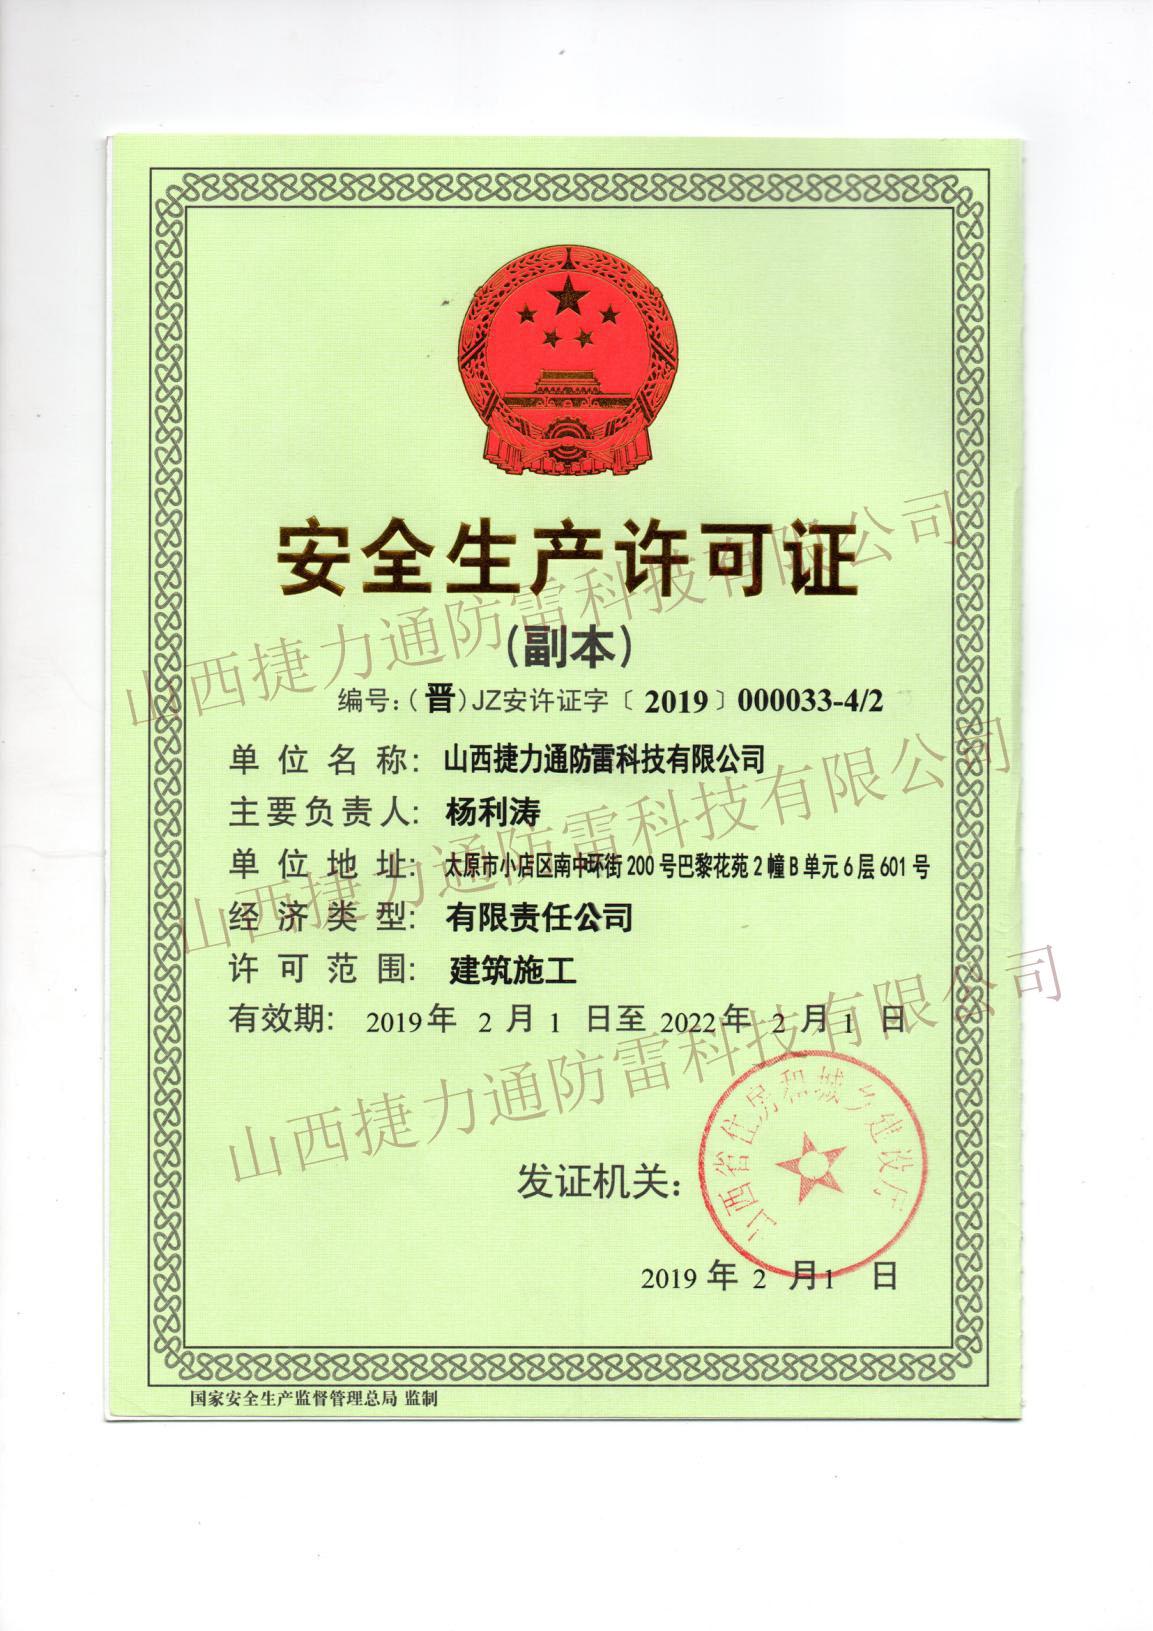 成功申领安全生产许可证